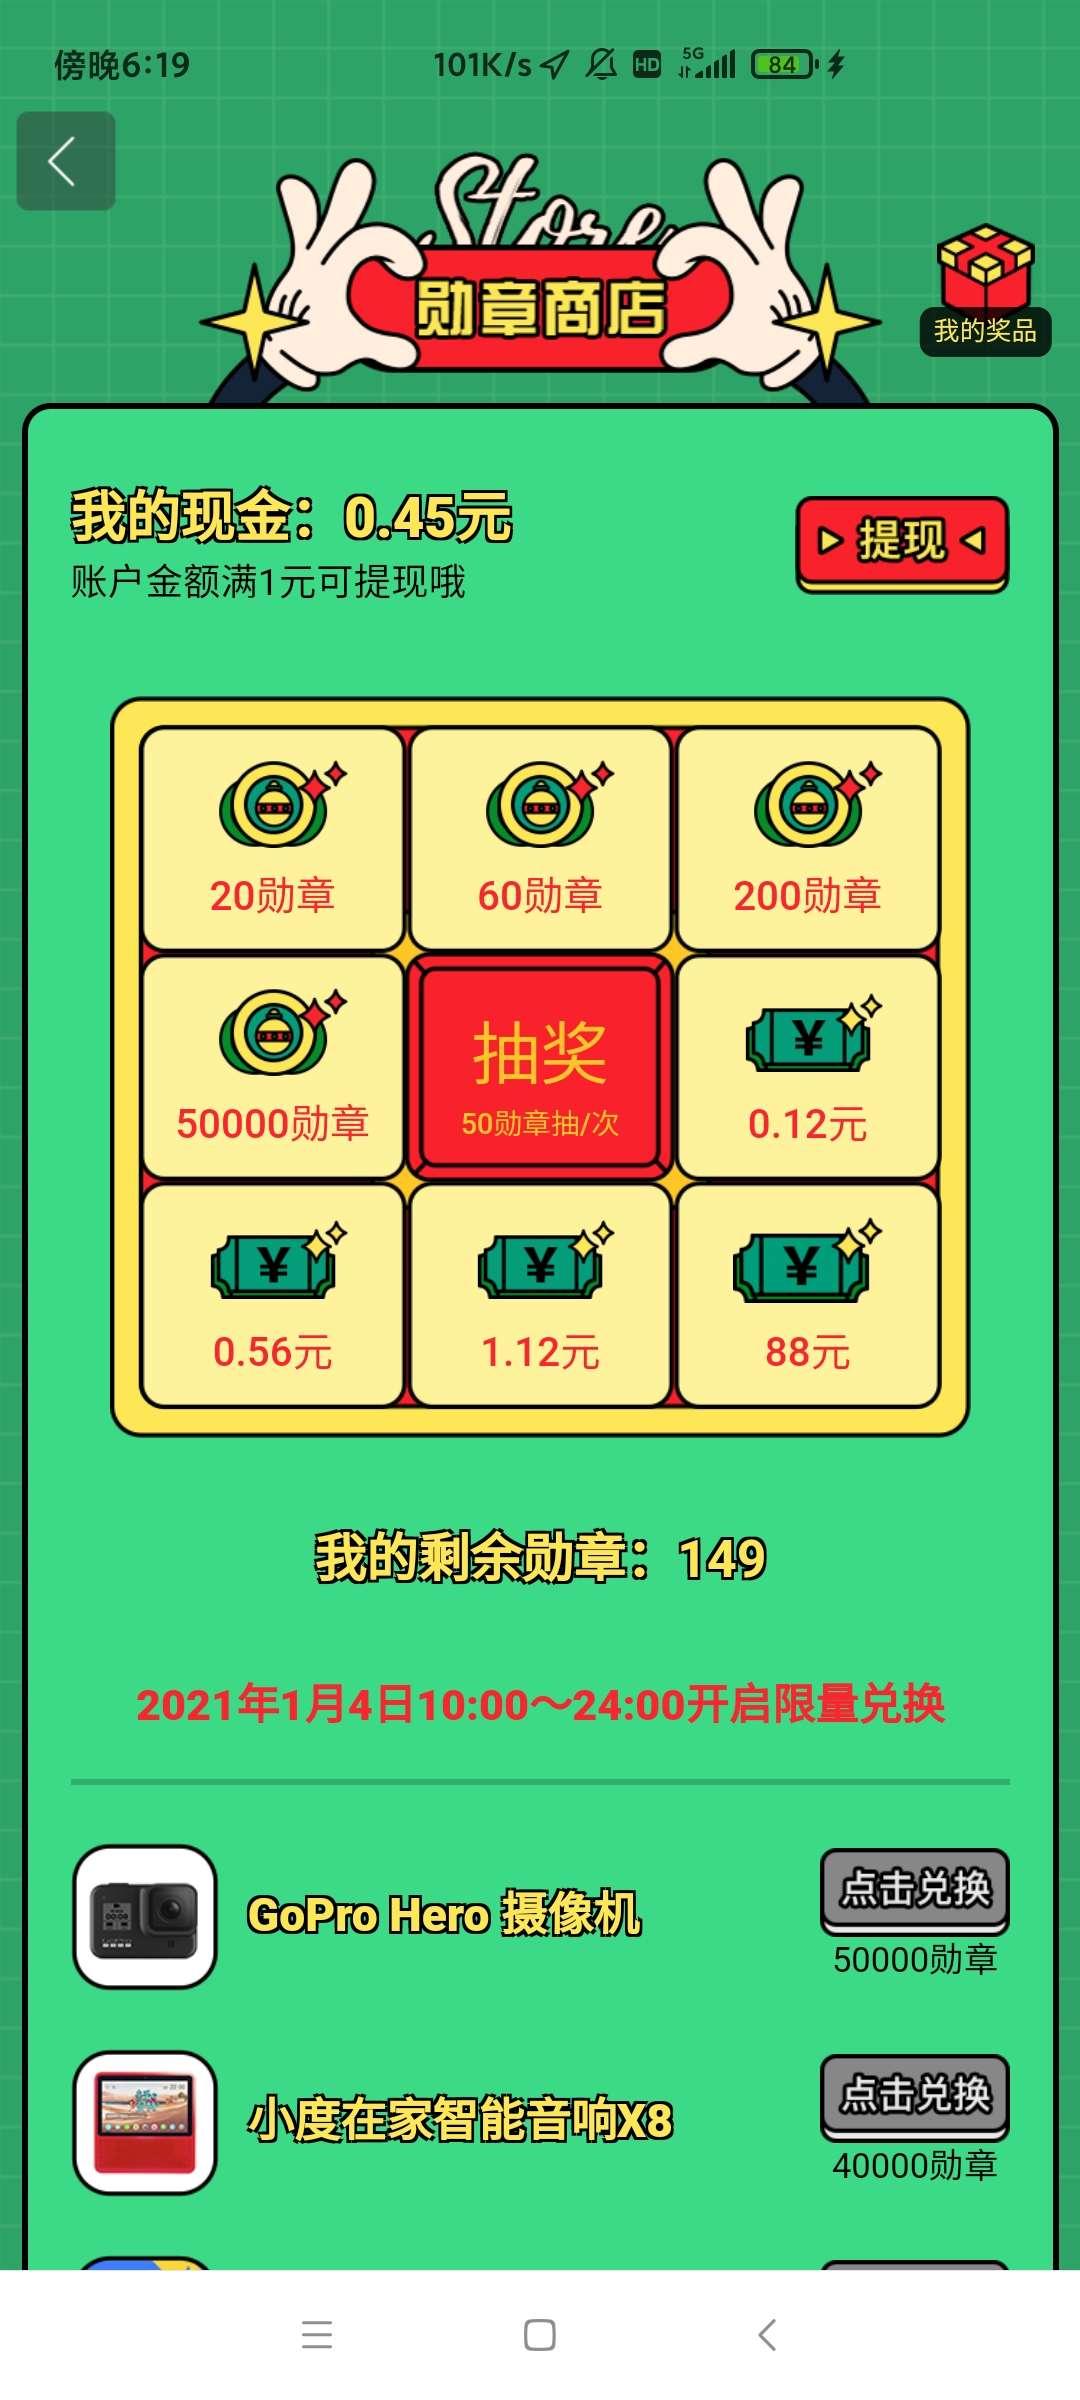 图片[2]-百度地图玩游戏红包-老友薅羊毛活动线报网